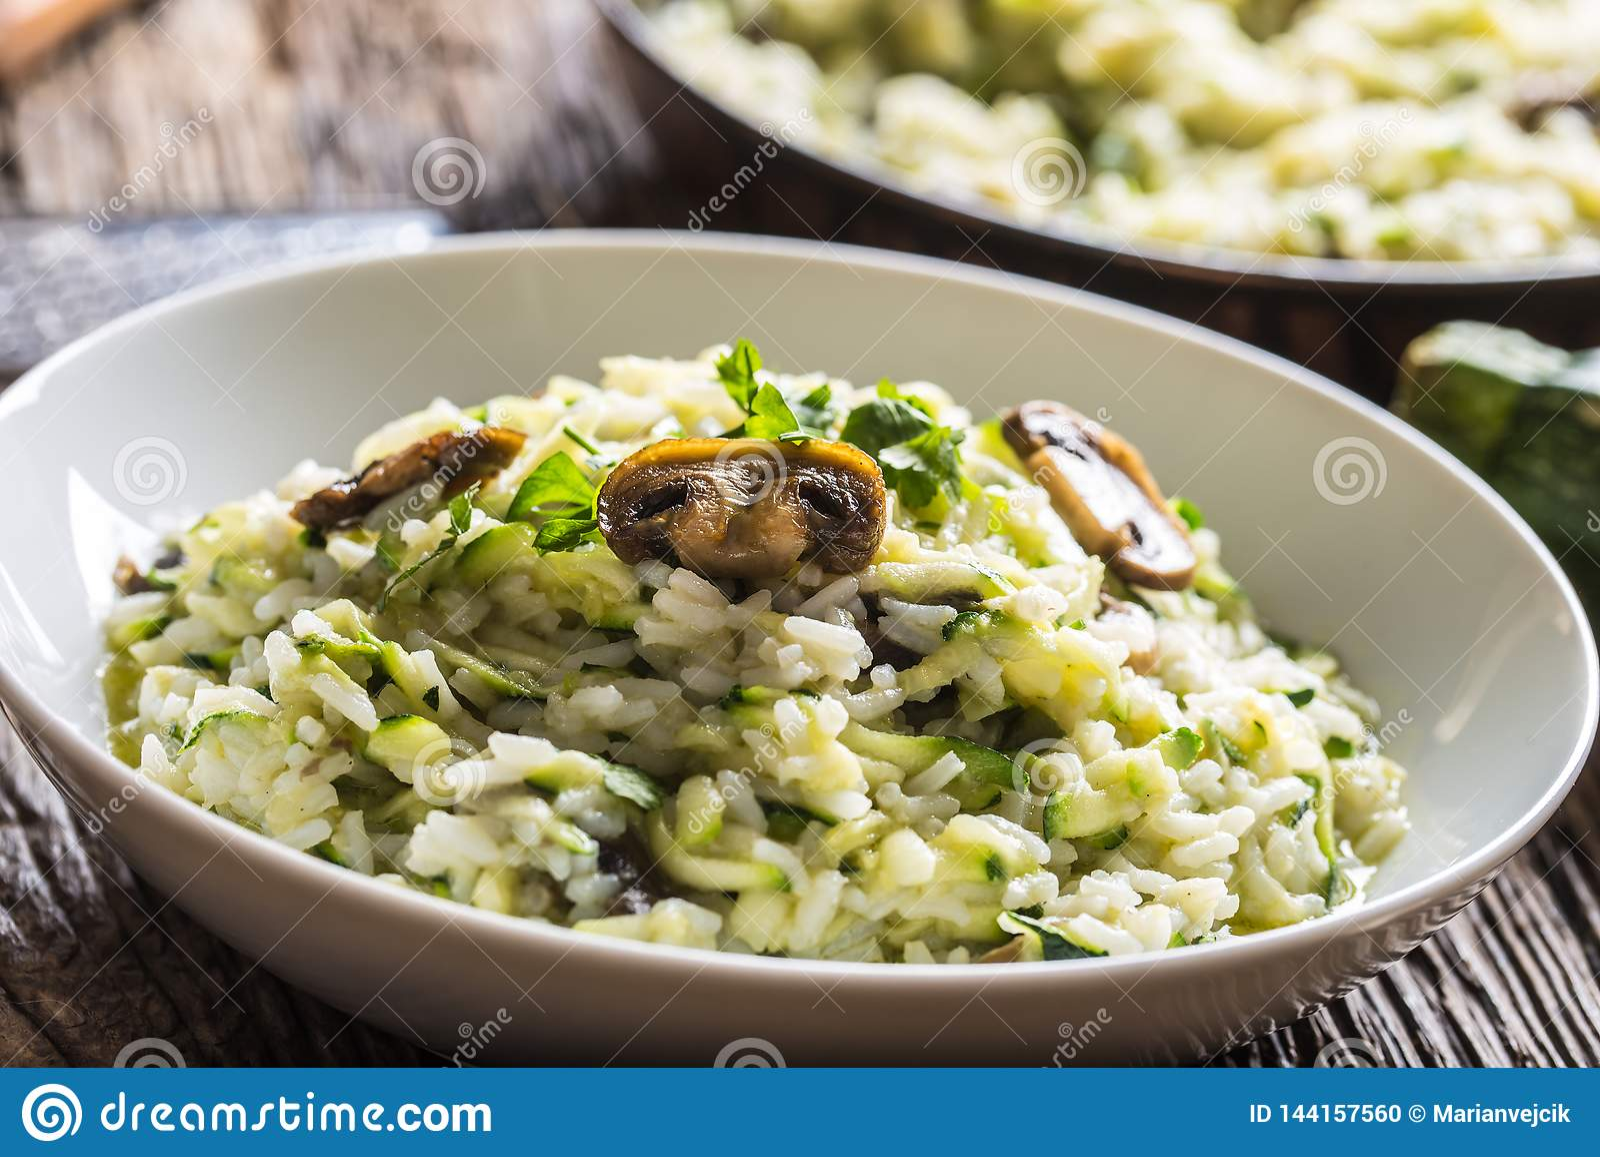 意大利意大利煨饭夏南瓜蘑菇和巴马干酪在白色板材